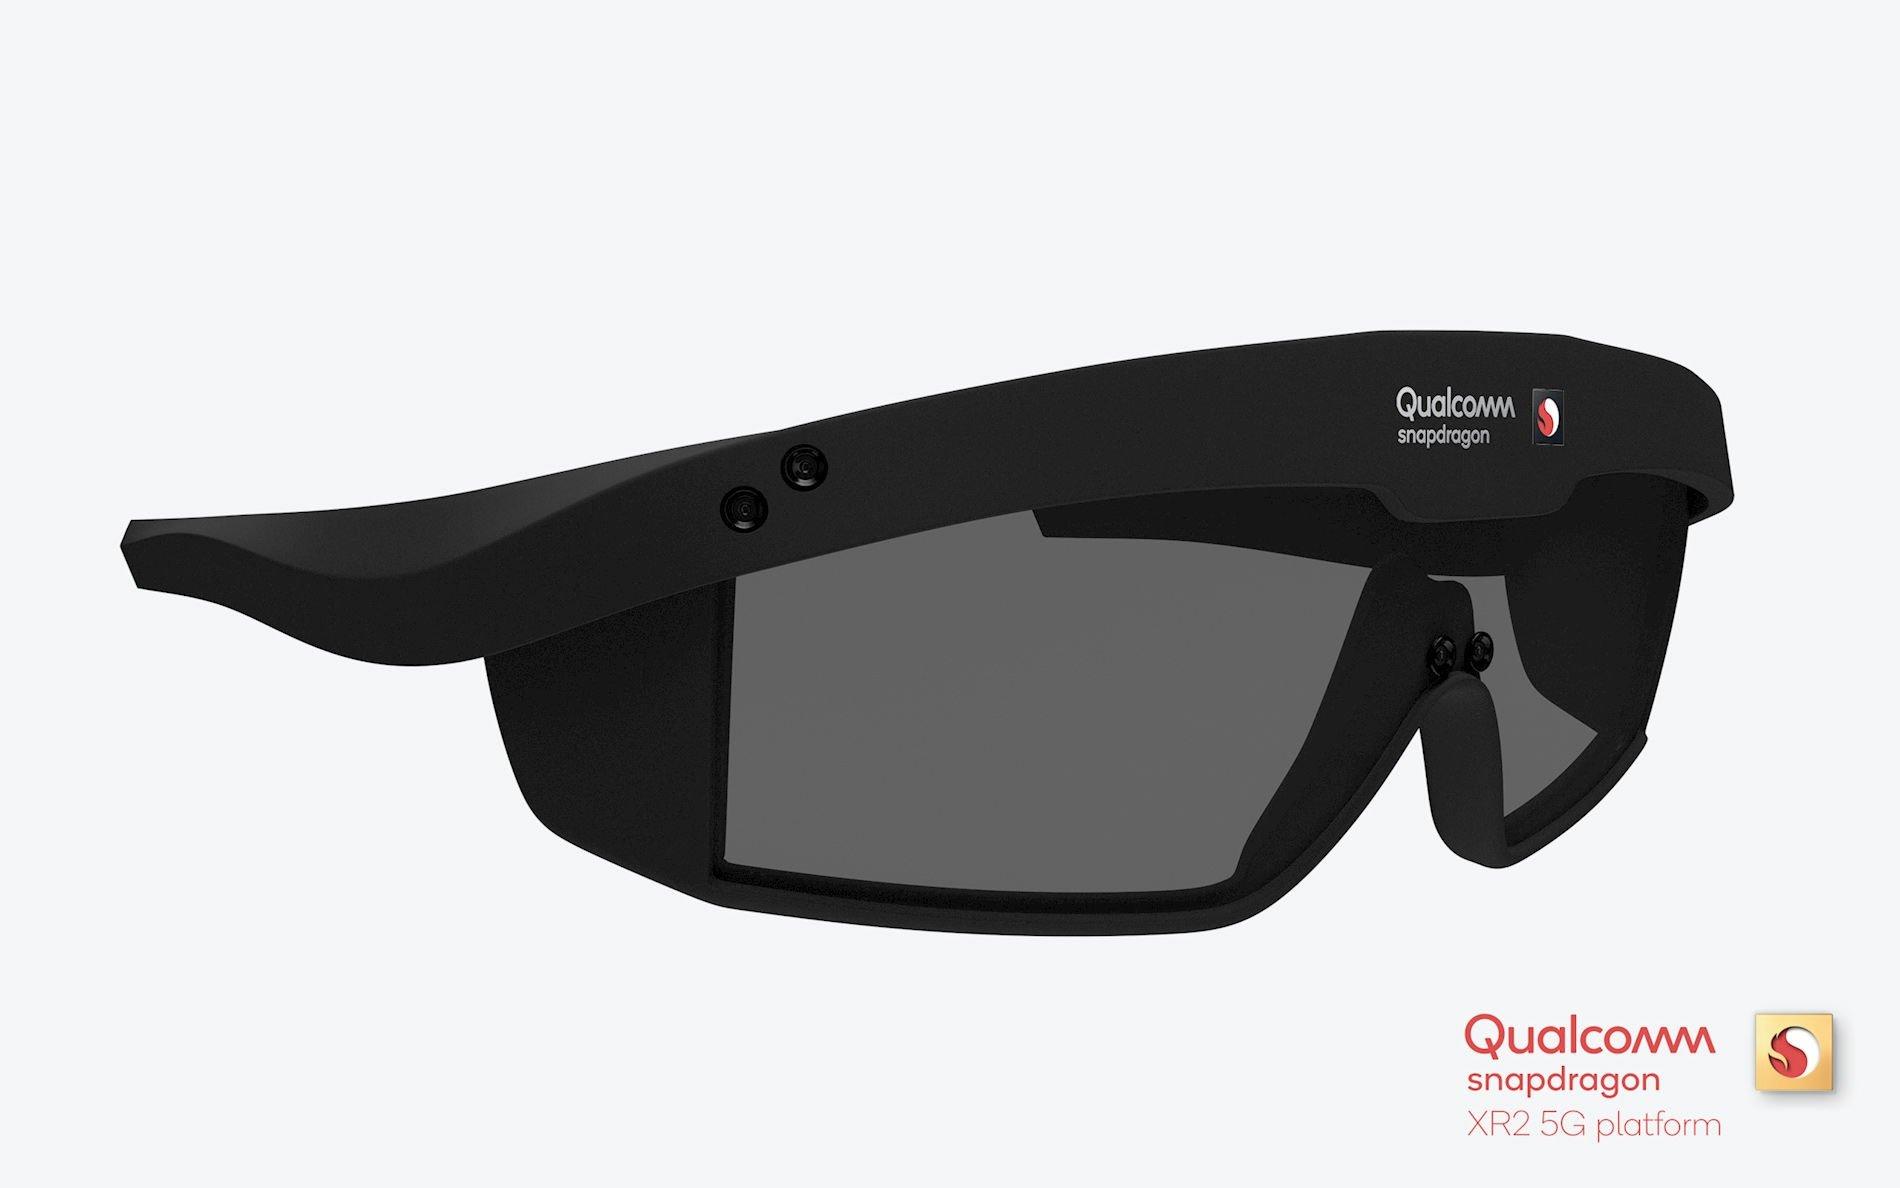 Może kiedyś zagramy w Pokemon GO na okularach rozszerzonej rzeczywistości Qualcomma 21